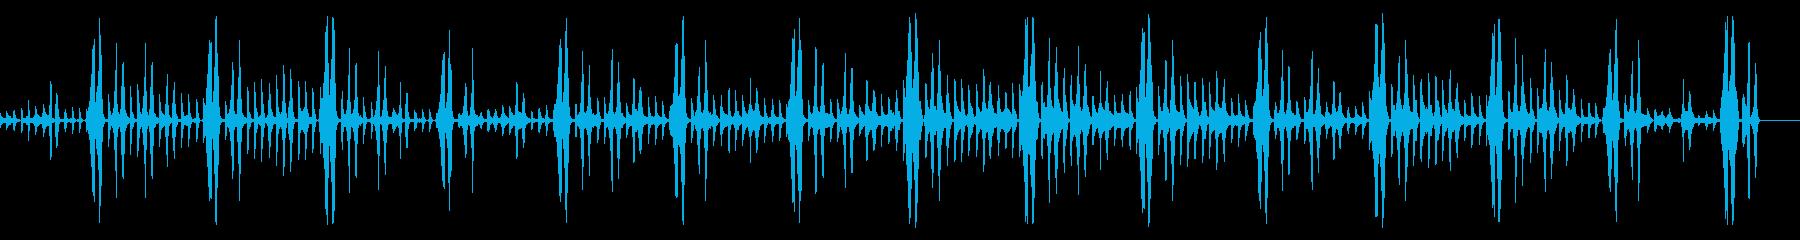 キックなし、114 BPMの再生済みの波形